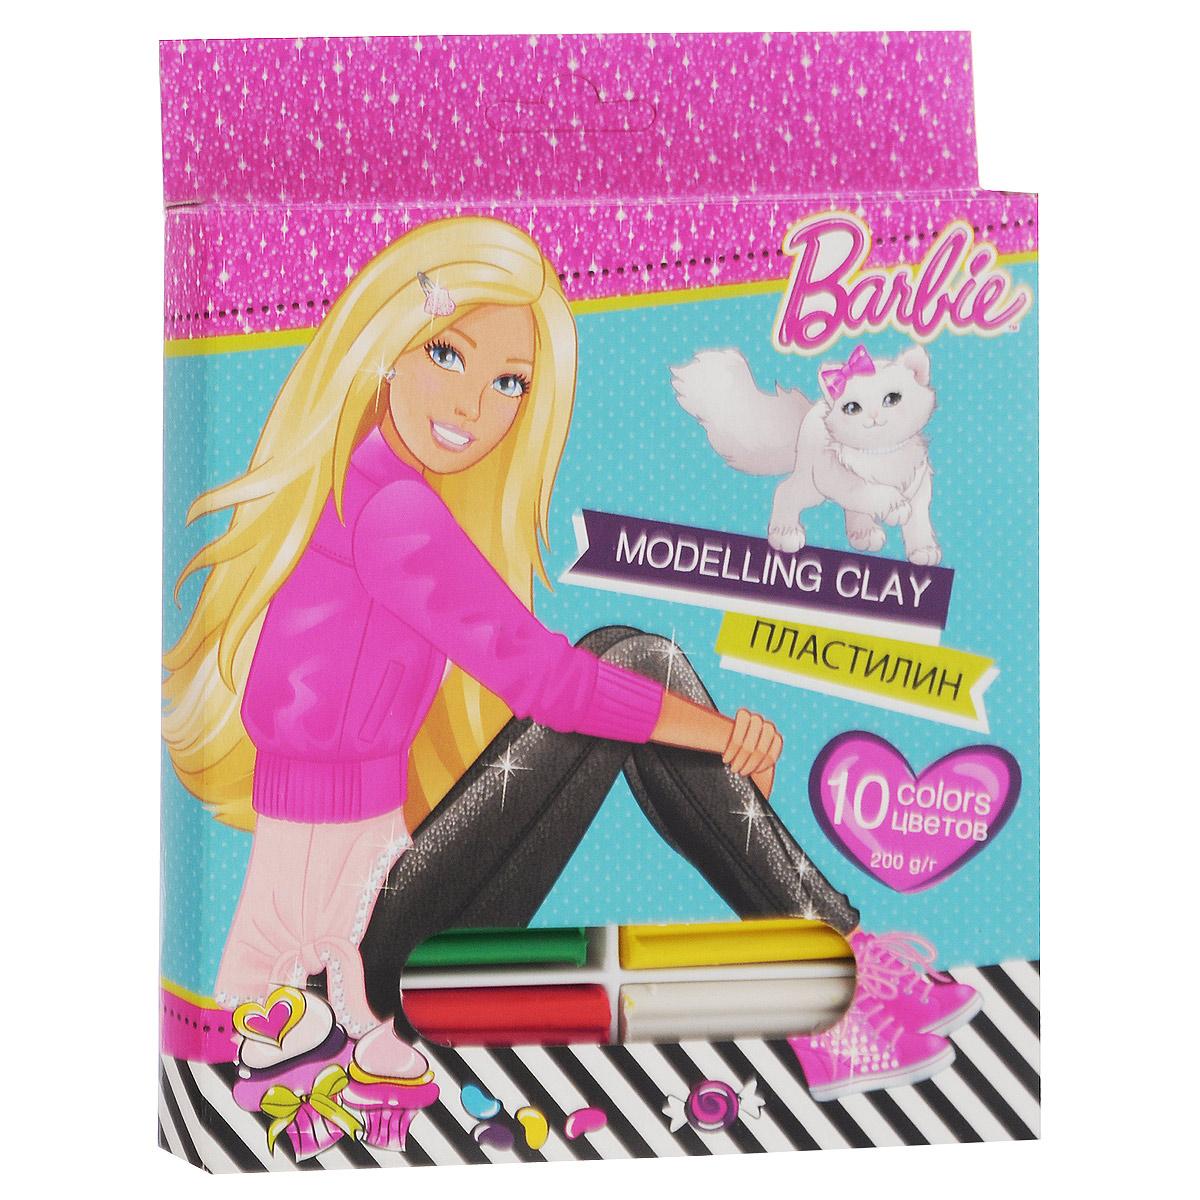 Пластилин Barbie, 10 цветовBRCB-US1-PSC-BOX10Пластилин Barbie - это отличная возможность познакомить ребенка с еще одним из видов изобразительного творчества, в котором создаются объемные образы и целые композиции.В набор входит пластилин 8 ярких цветов (белый, желтый, красный, оранжевый, коричневый, темно-зеленый, голубой, синий, светло-зеленый, черный). Цвета пластилина легко смешиваются между собой, и таким образом можно получить новые оттенки. Пластилин на растительной основе имеет яркие, красочные цвета и не липнет к рукам. Техника лепки богата и разнообразна, но при этом доступна даже маленьким детям. Занятие лепкой не только увлекательно, но и полезно для ребенка. Оно способствует развитию творческого и пространственного мышления, восприятия формы, фактуры, цвета и веса, развивает воображение и мелкую моторику.Вес бруска 20 грамм.